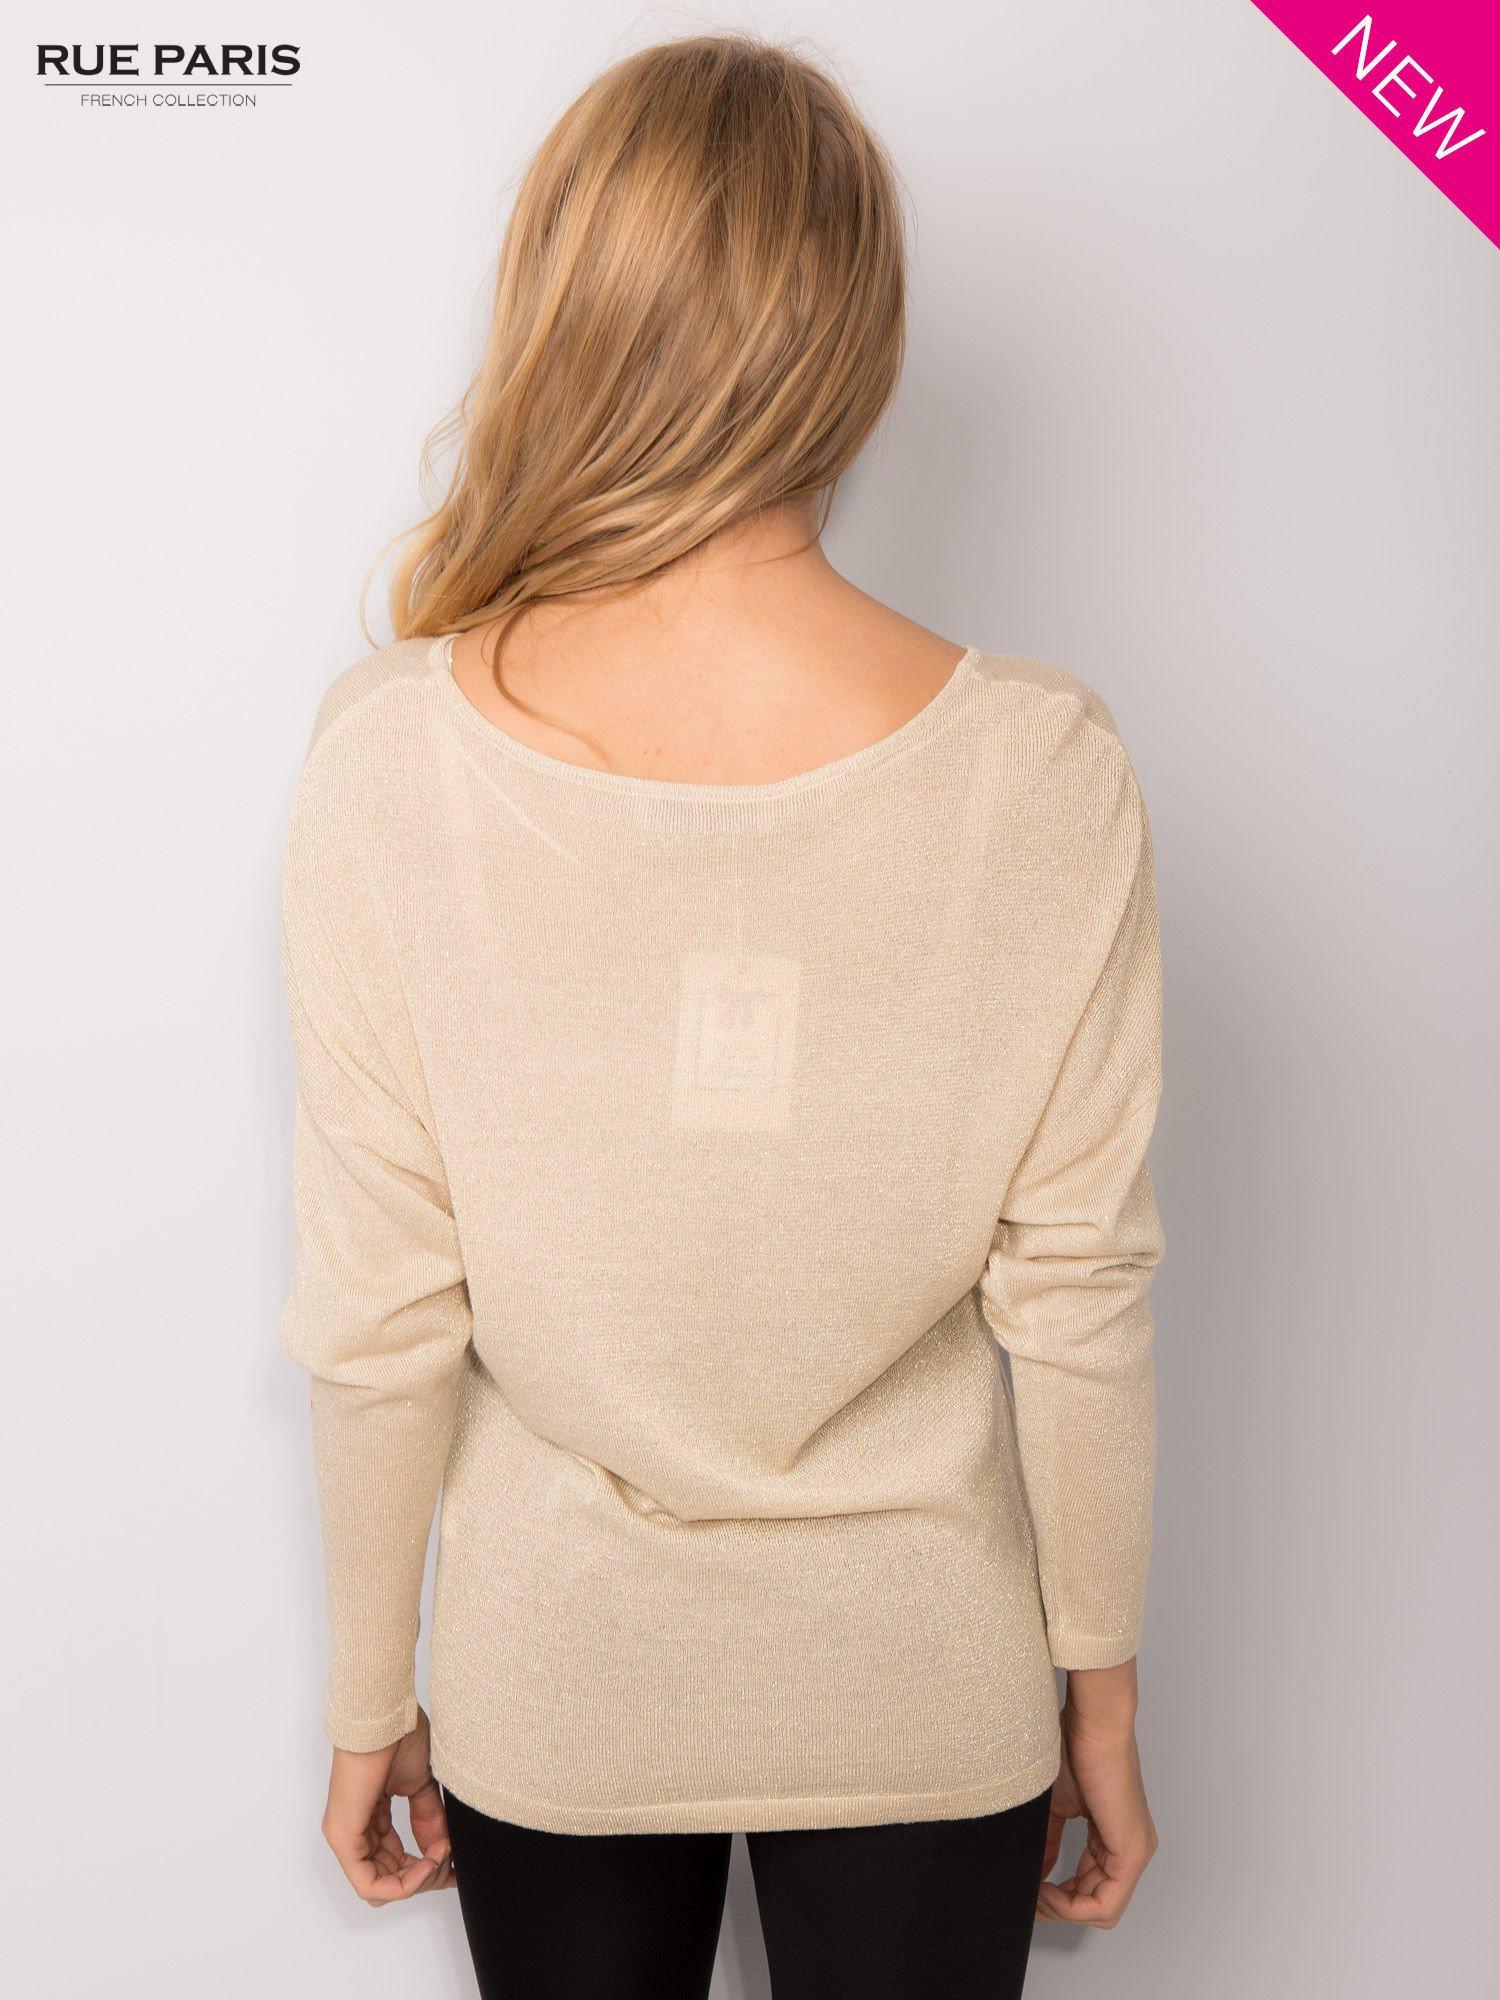 Złoty sweter z opuszczonymi rękawami przeplatany metalizowaną nicią                                  zdj.                                  4